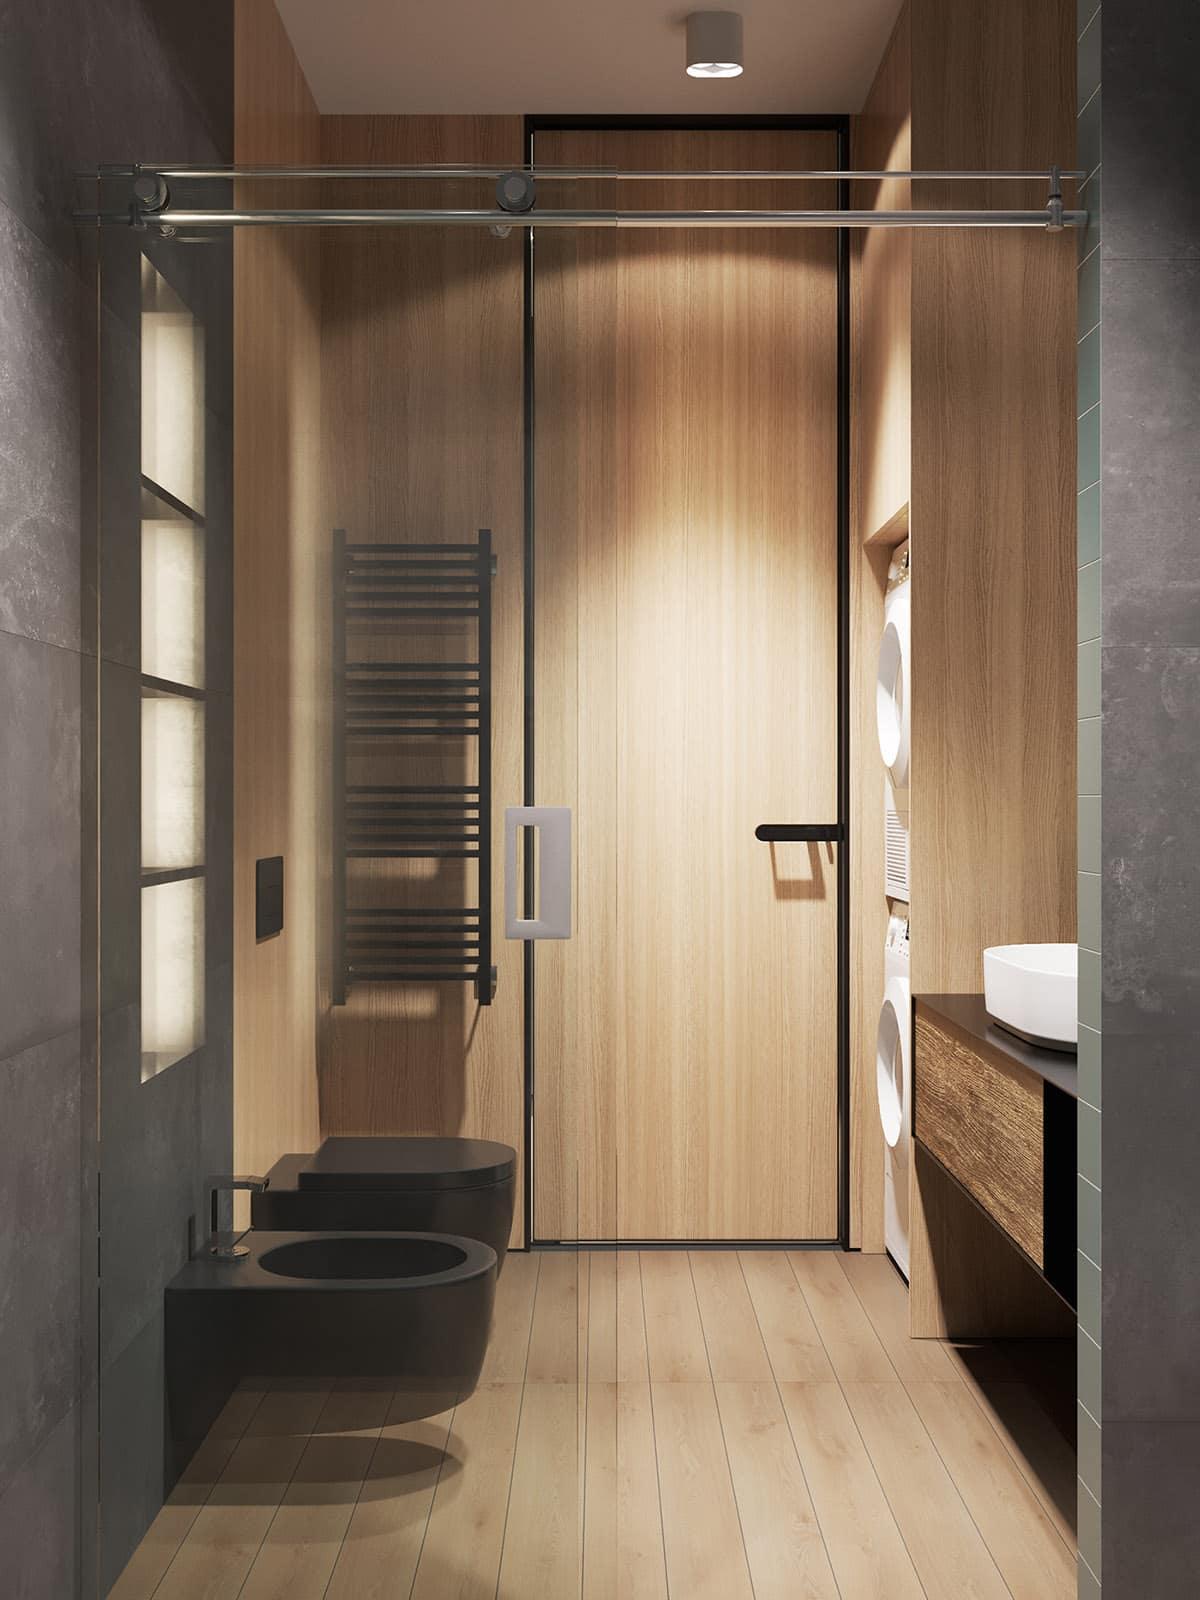 Оригинальное решение применения ламината на стенах в ванной комнате